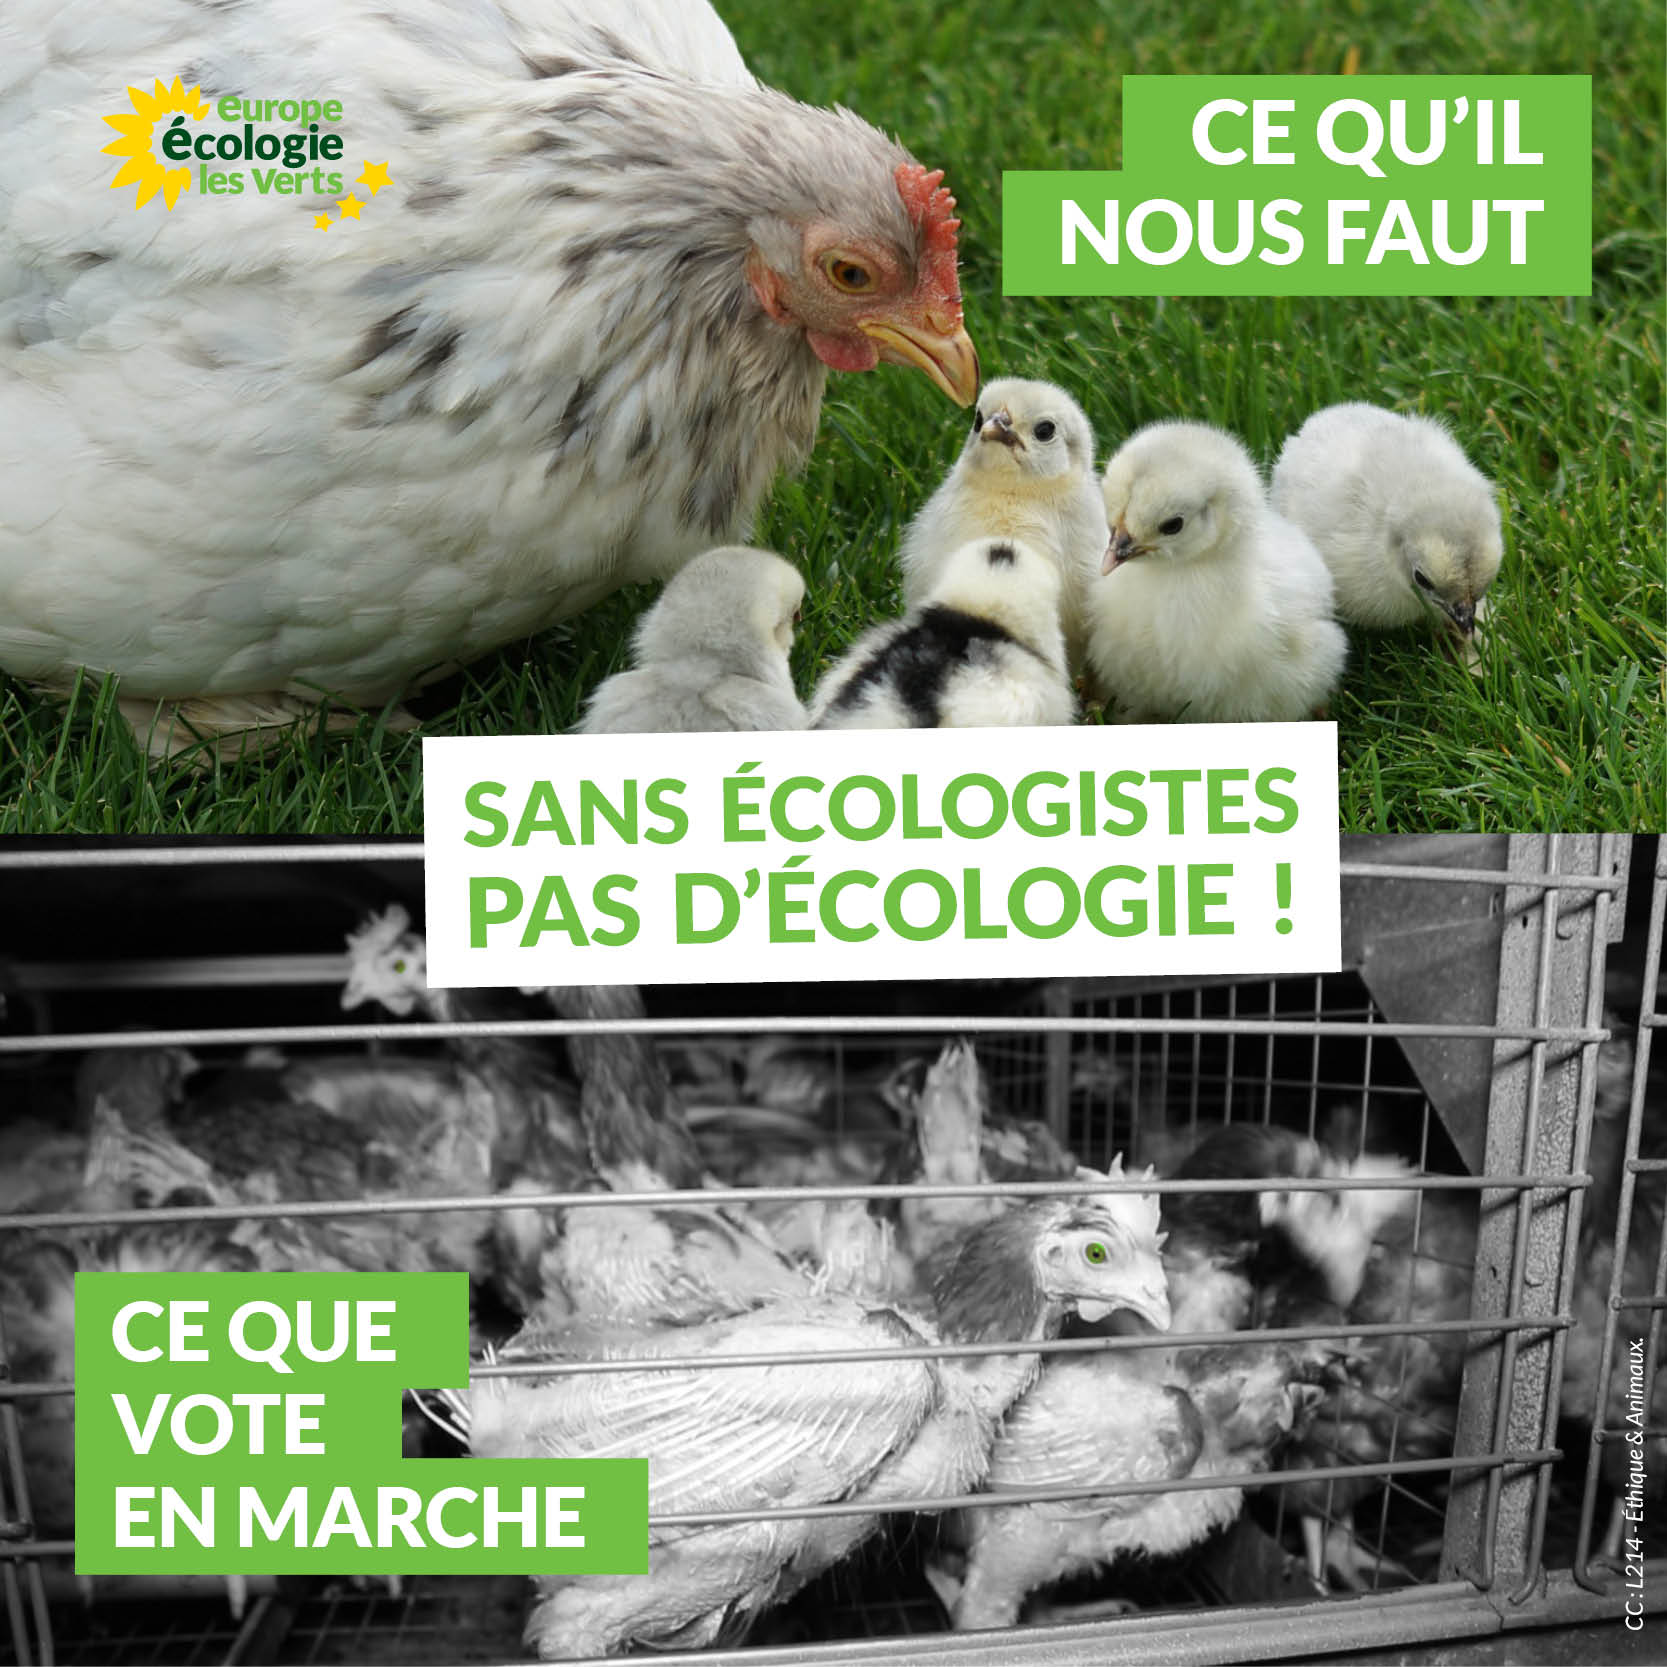 Sans écologistes, pas d'écologie : la preuve avec les votes LREM